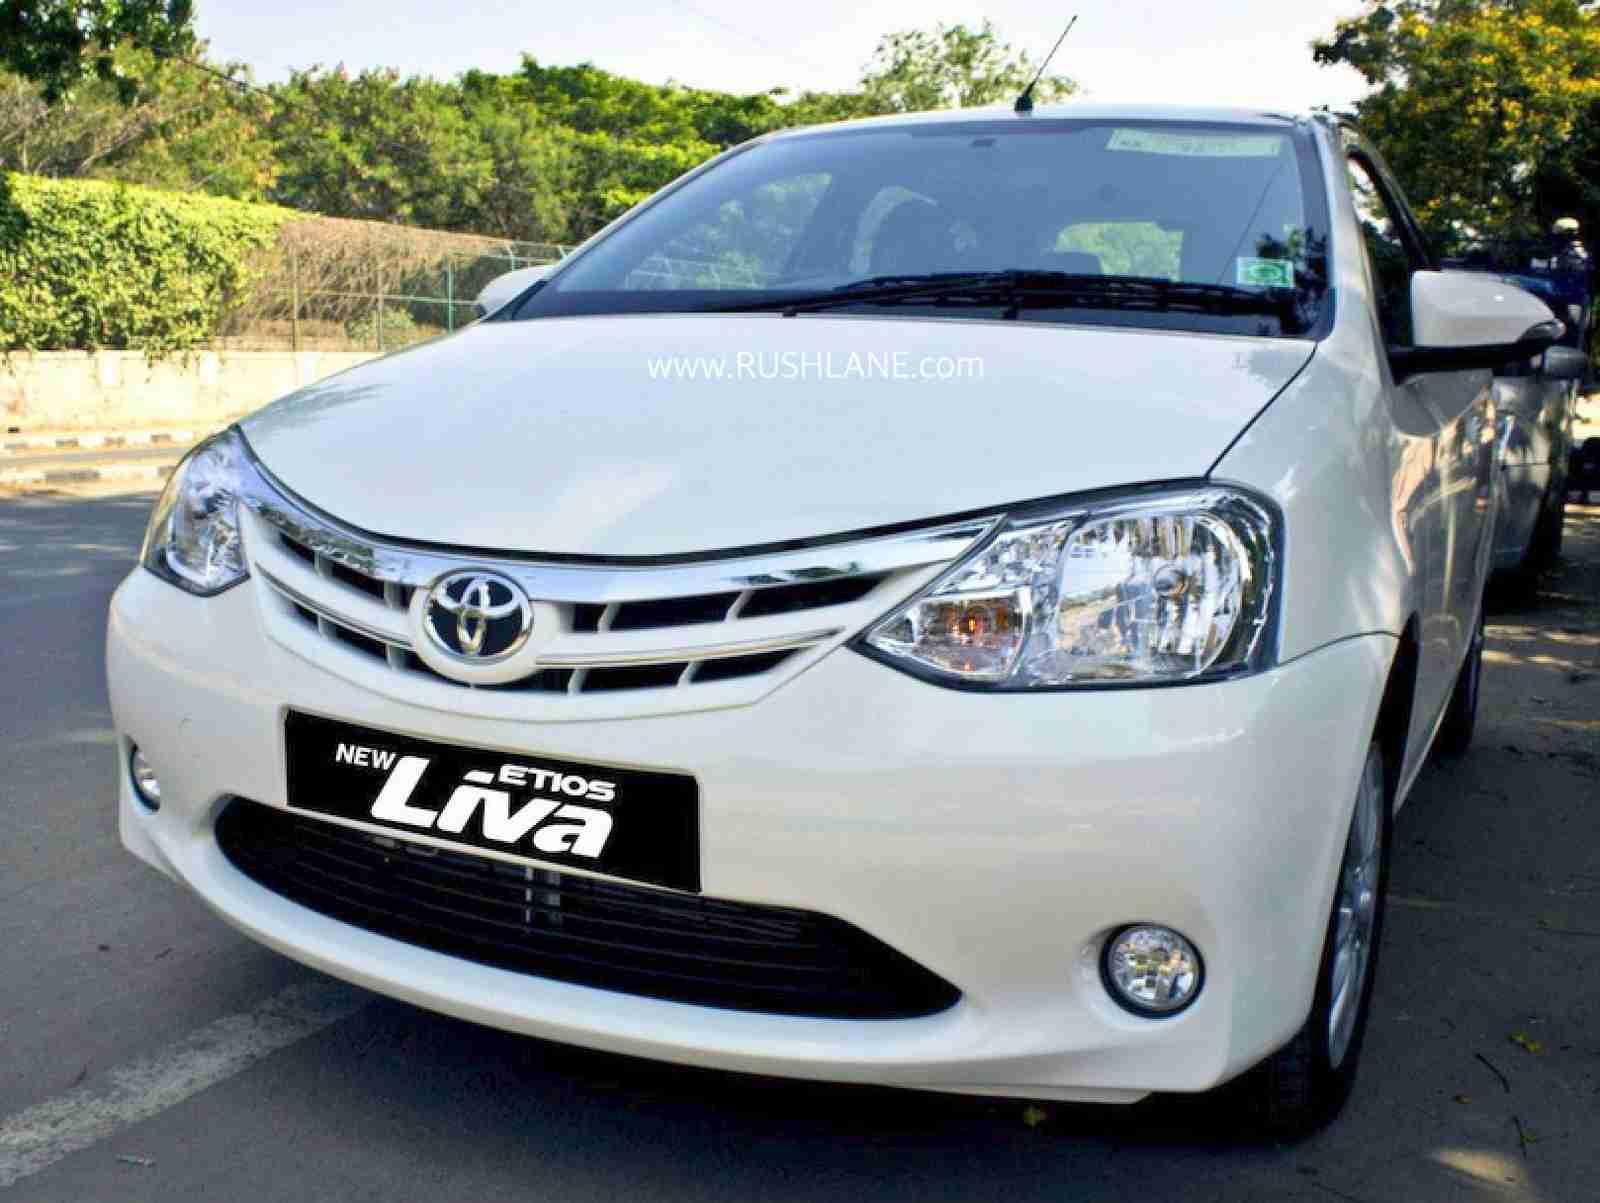 Toyota Etios Liva discontinue